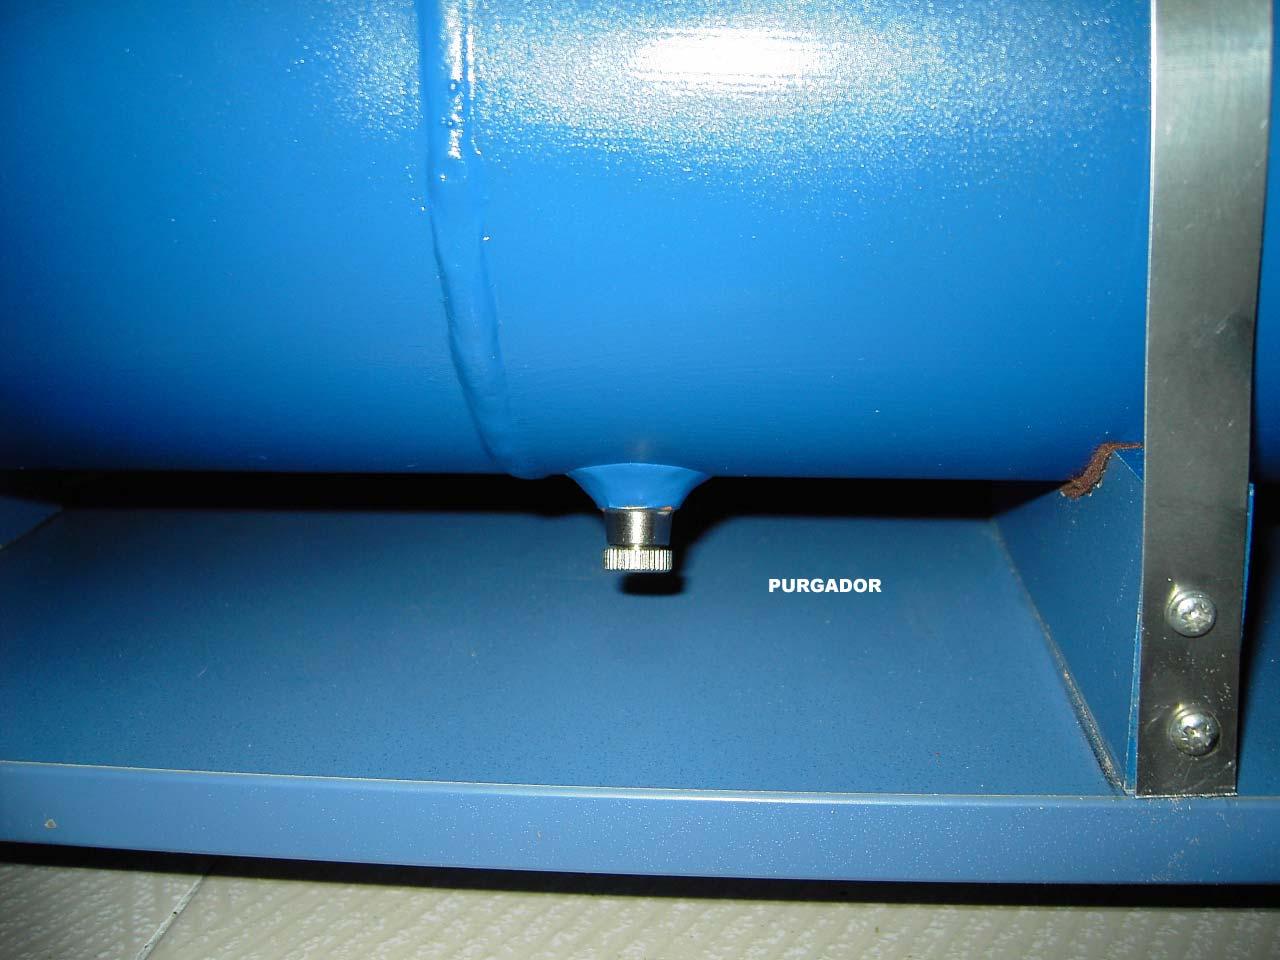 Ubicar el purgador del calderin mantenimiento compresor de aire, mantenimiento de compresores de aire extracción de aire